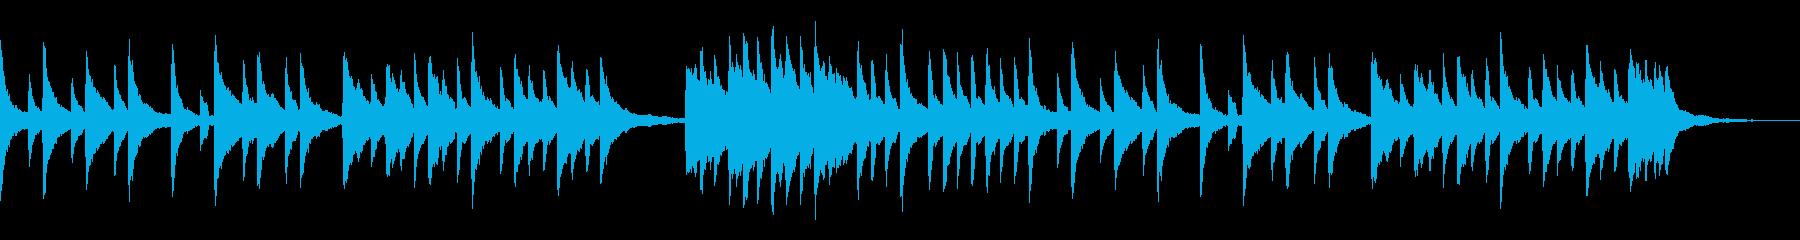 映像やCMなどに。切ないピアノのBGMの再生済みの波形